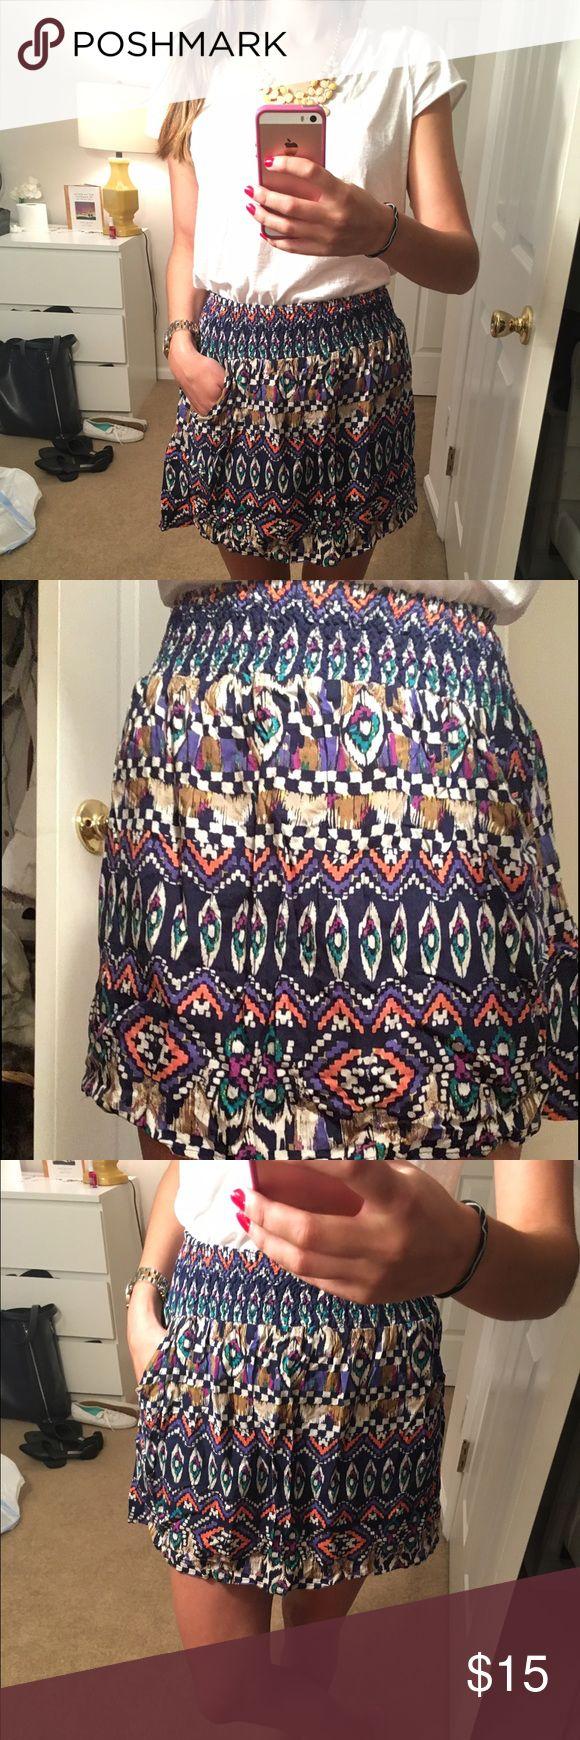 Tribal Print Skirt 45